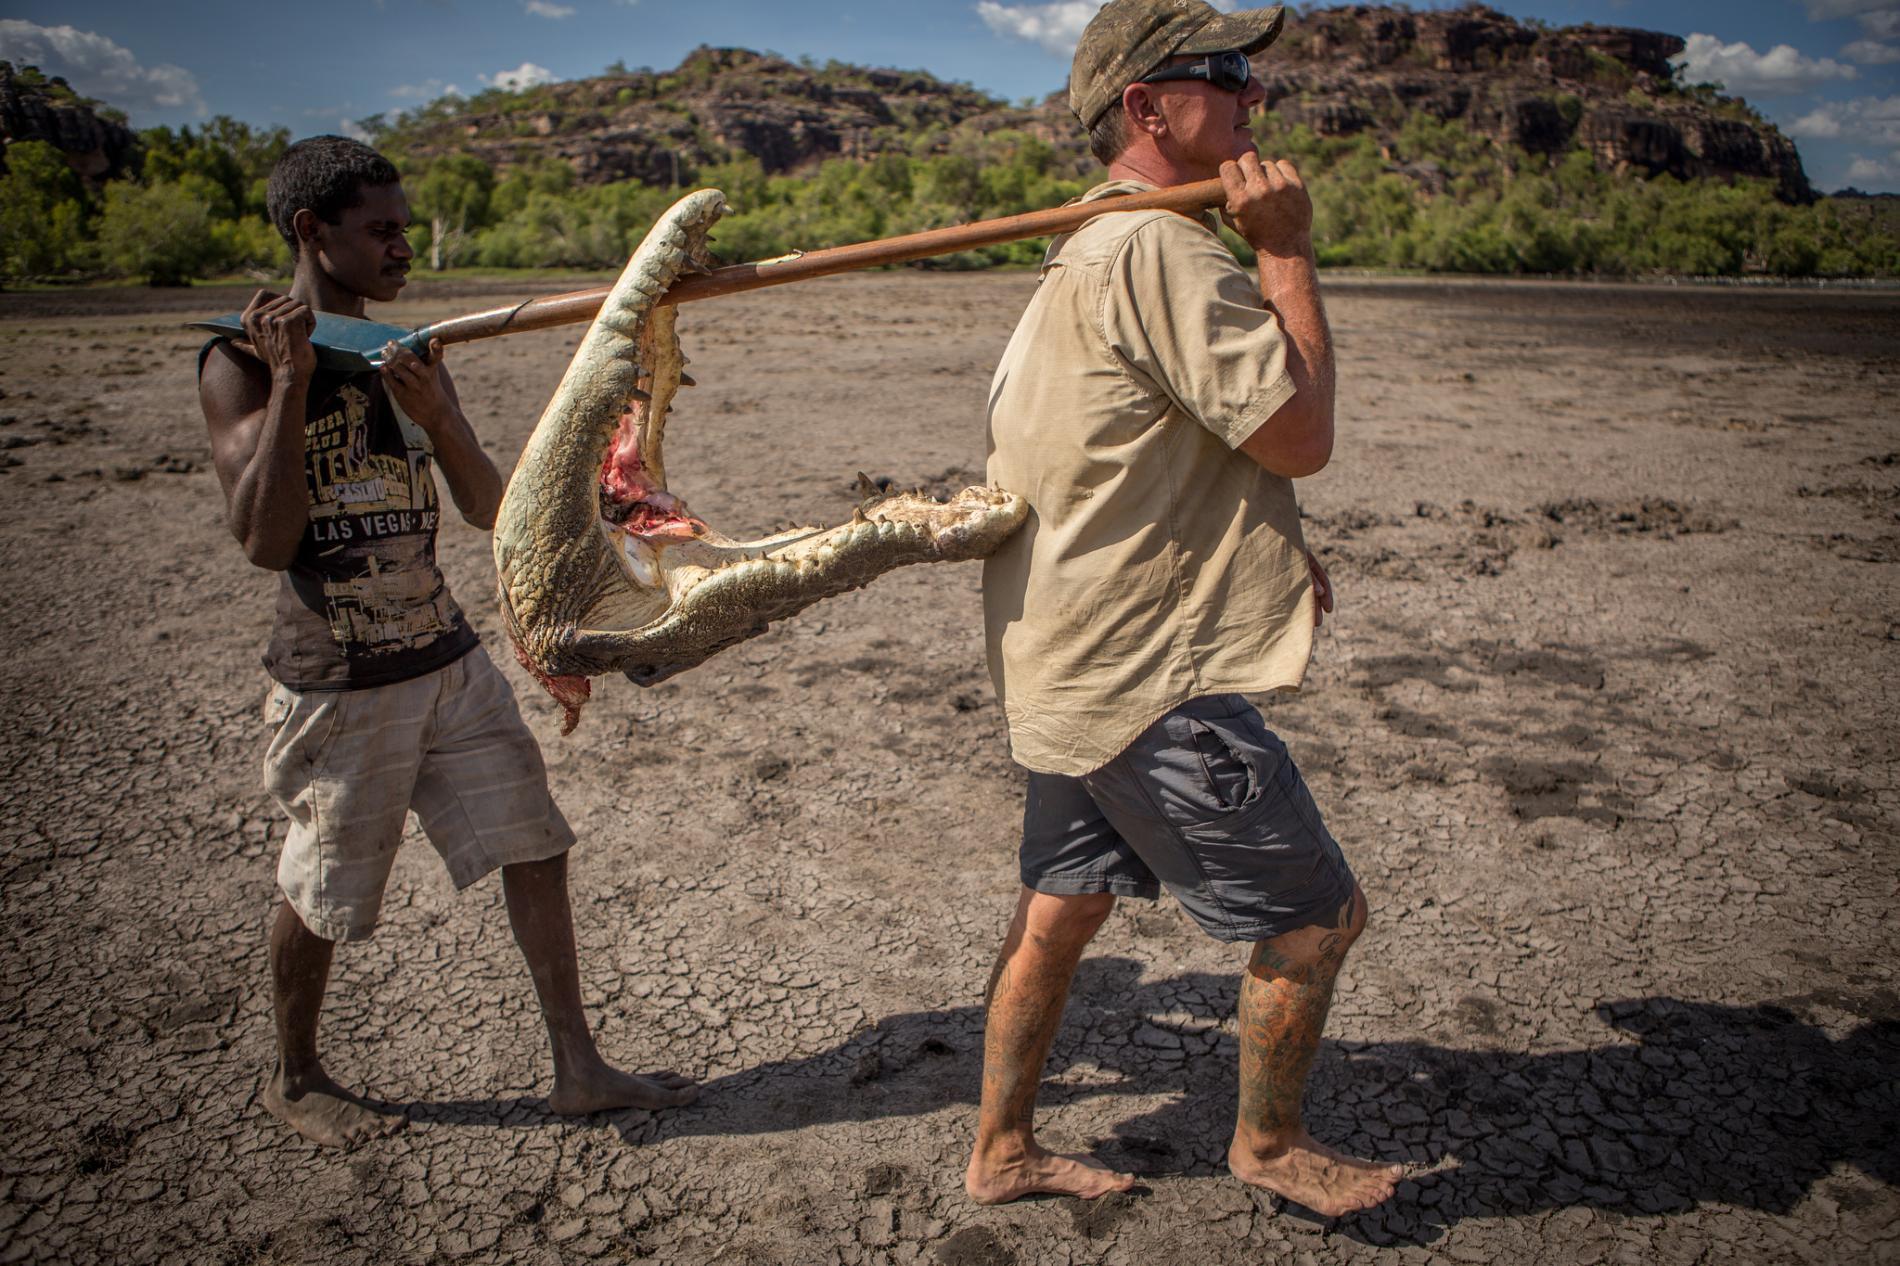 Săn cá sấu khổng lồ trên con thuyền vỏn vẹn dài 4m: Khi cuộc chiến thực sự bắt đầu! - Ảnh 8.